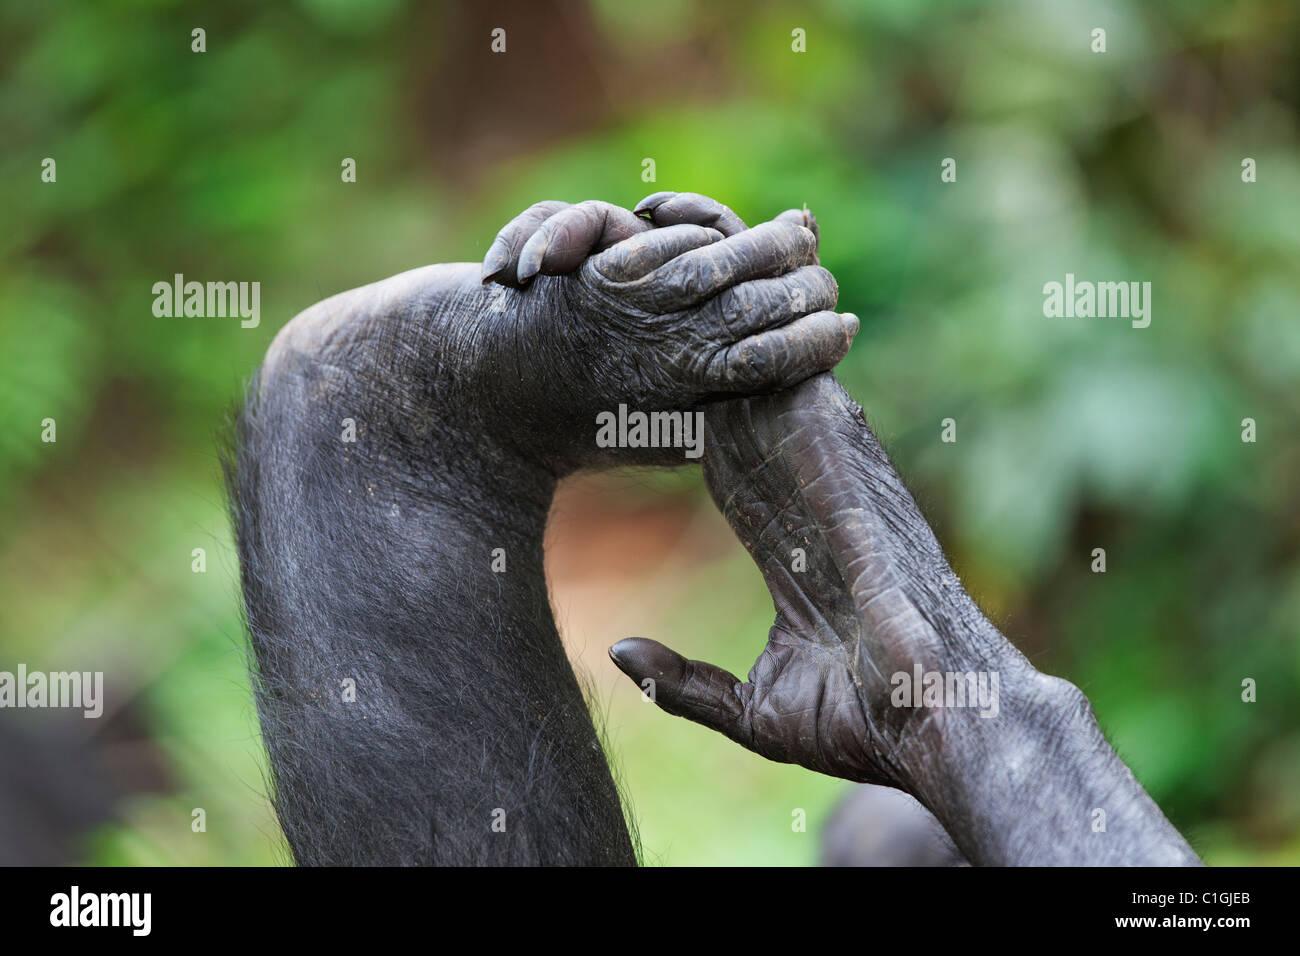 Main et pied de chimpanzé Bonobo au Sanctuaire Lola Ya Bonobo, République démocratique du Congo Banque D'Images